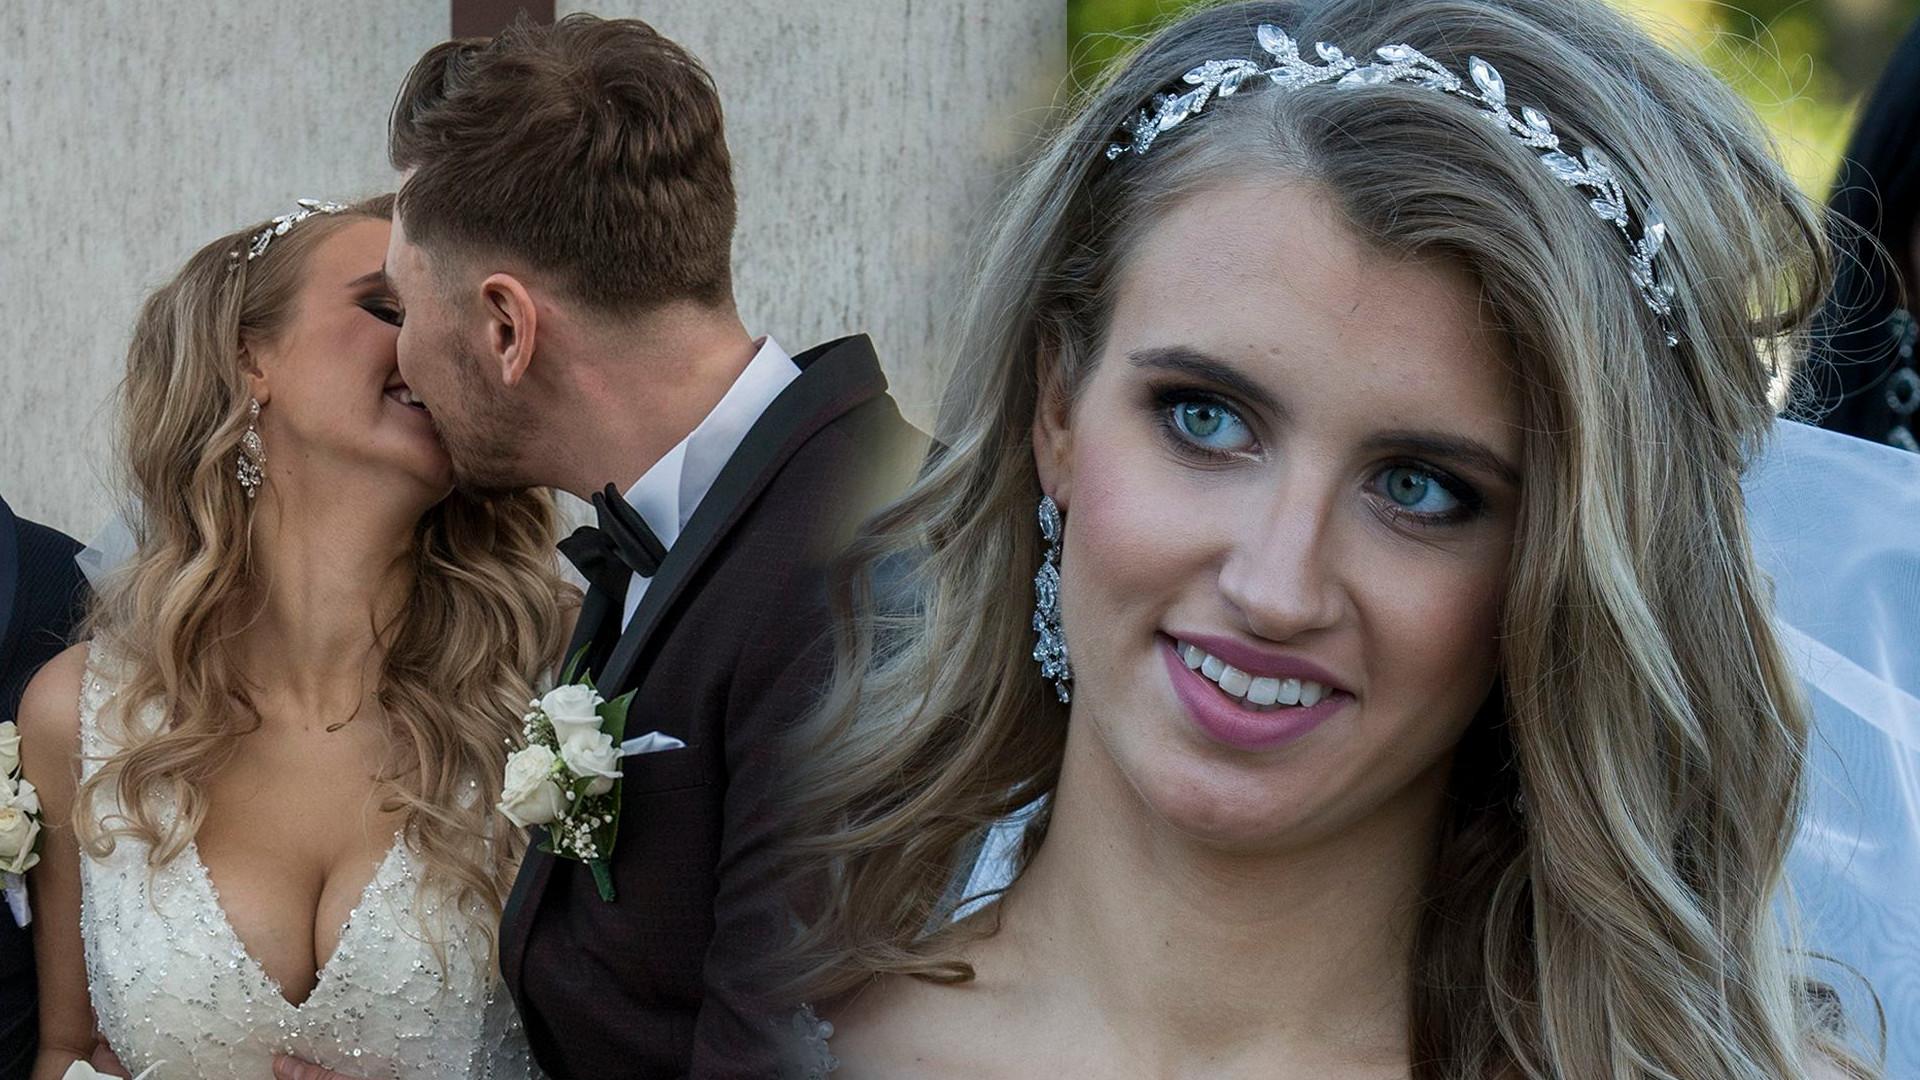 Syn Martyniuka rozwodzi się z żoną: Dziewczyna powiedziała, że nosi plastry, a nie nosiła ich